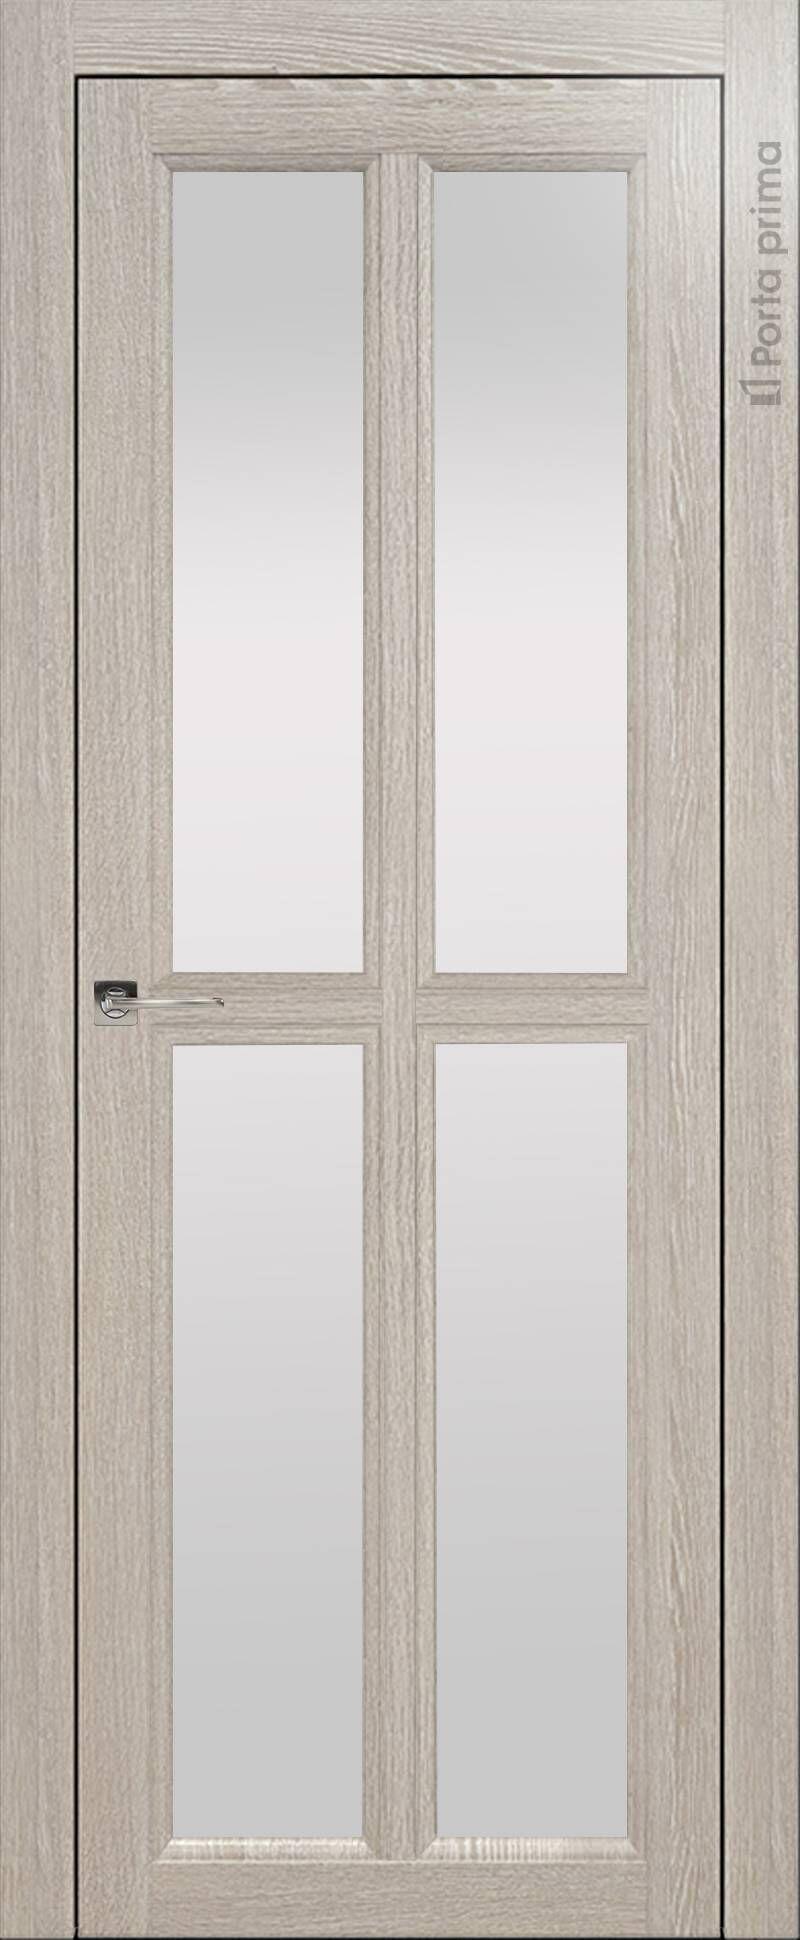 Sorrento-R И4 цвет - Серый дуб Со стеклом (ДО)